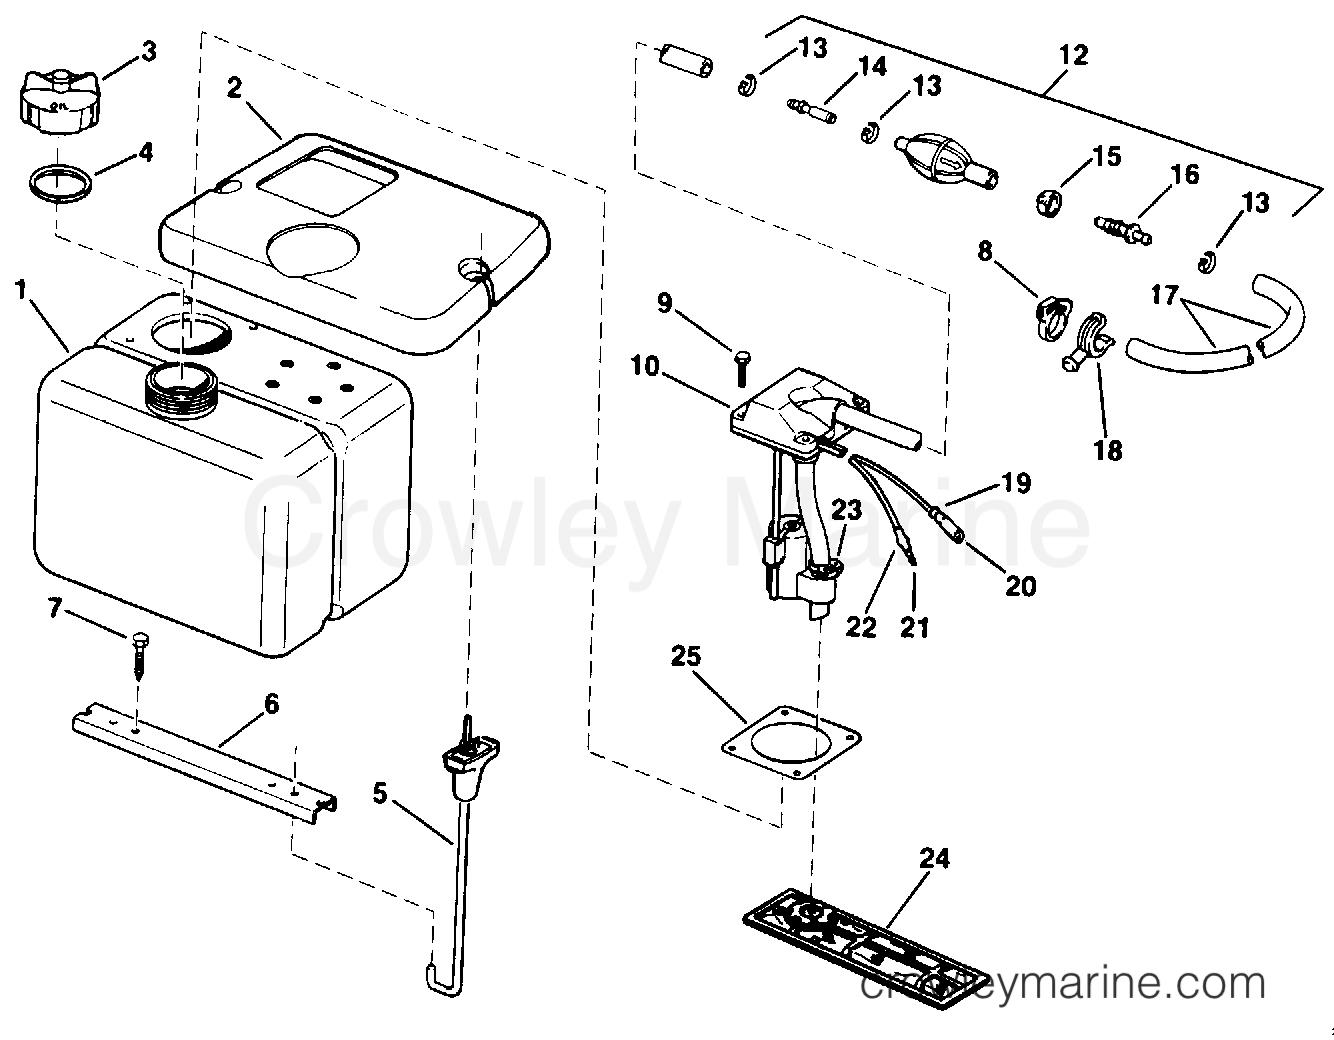 vro oil tank kit-1 8 gallon